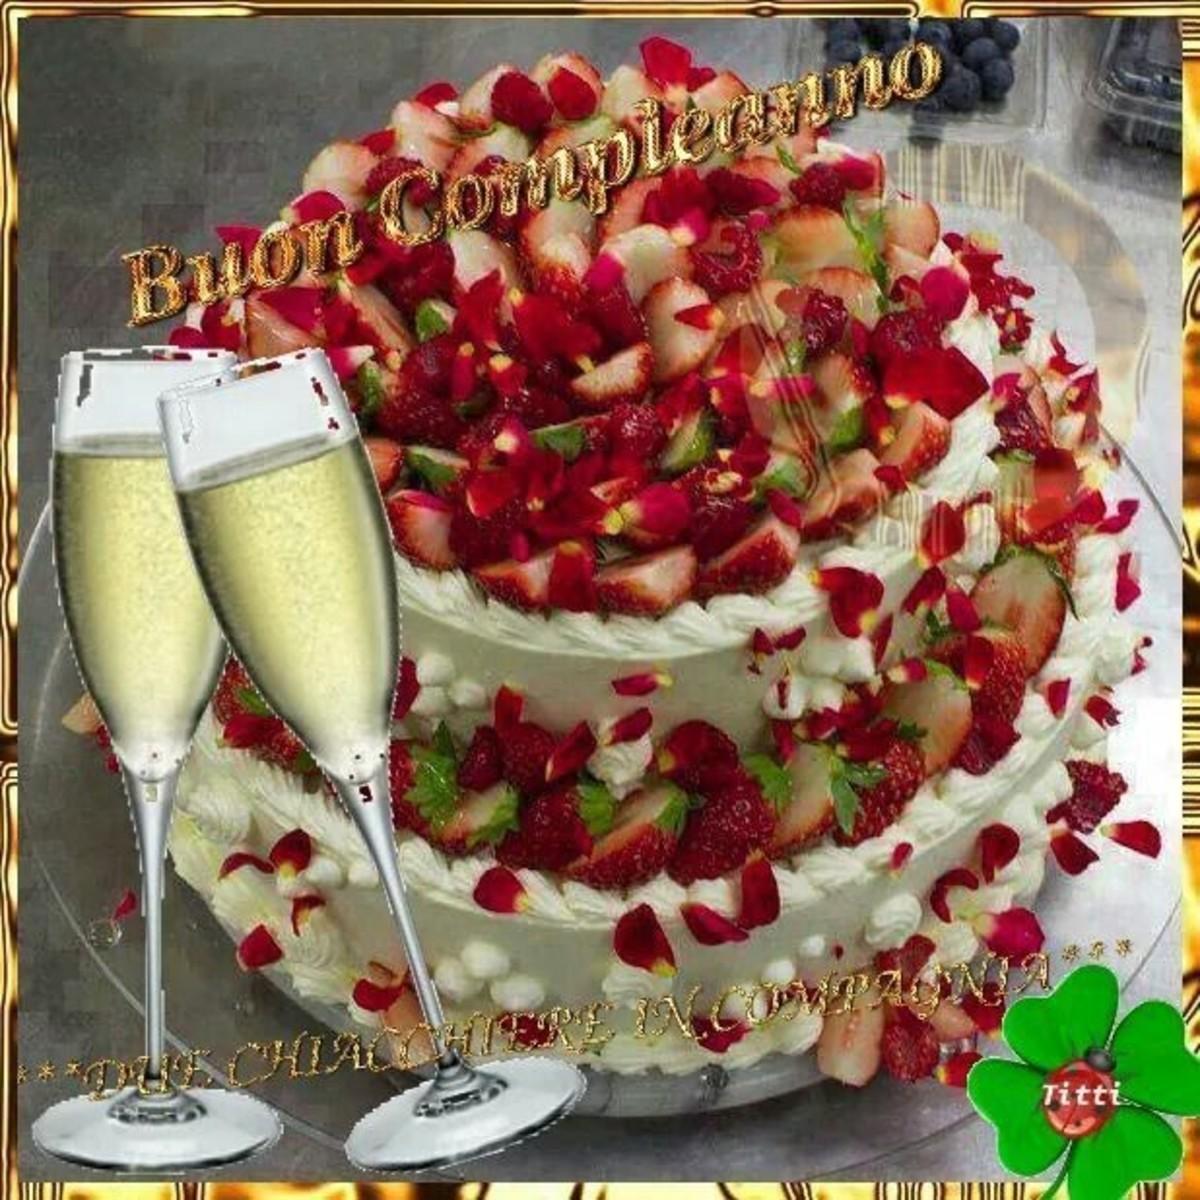 Auguri con bella torta